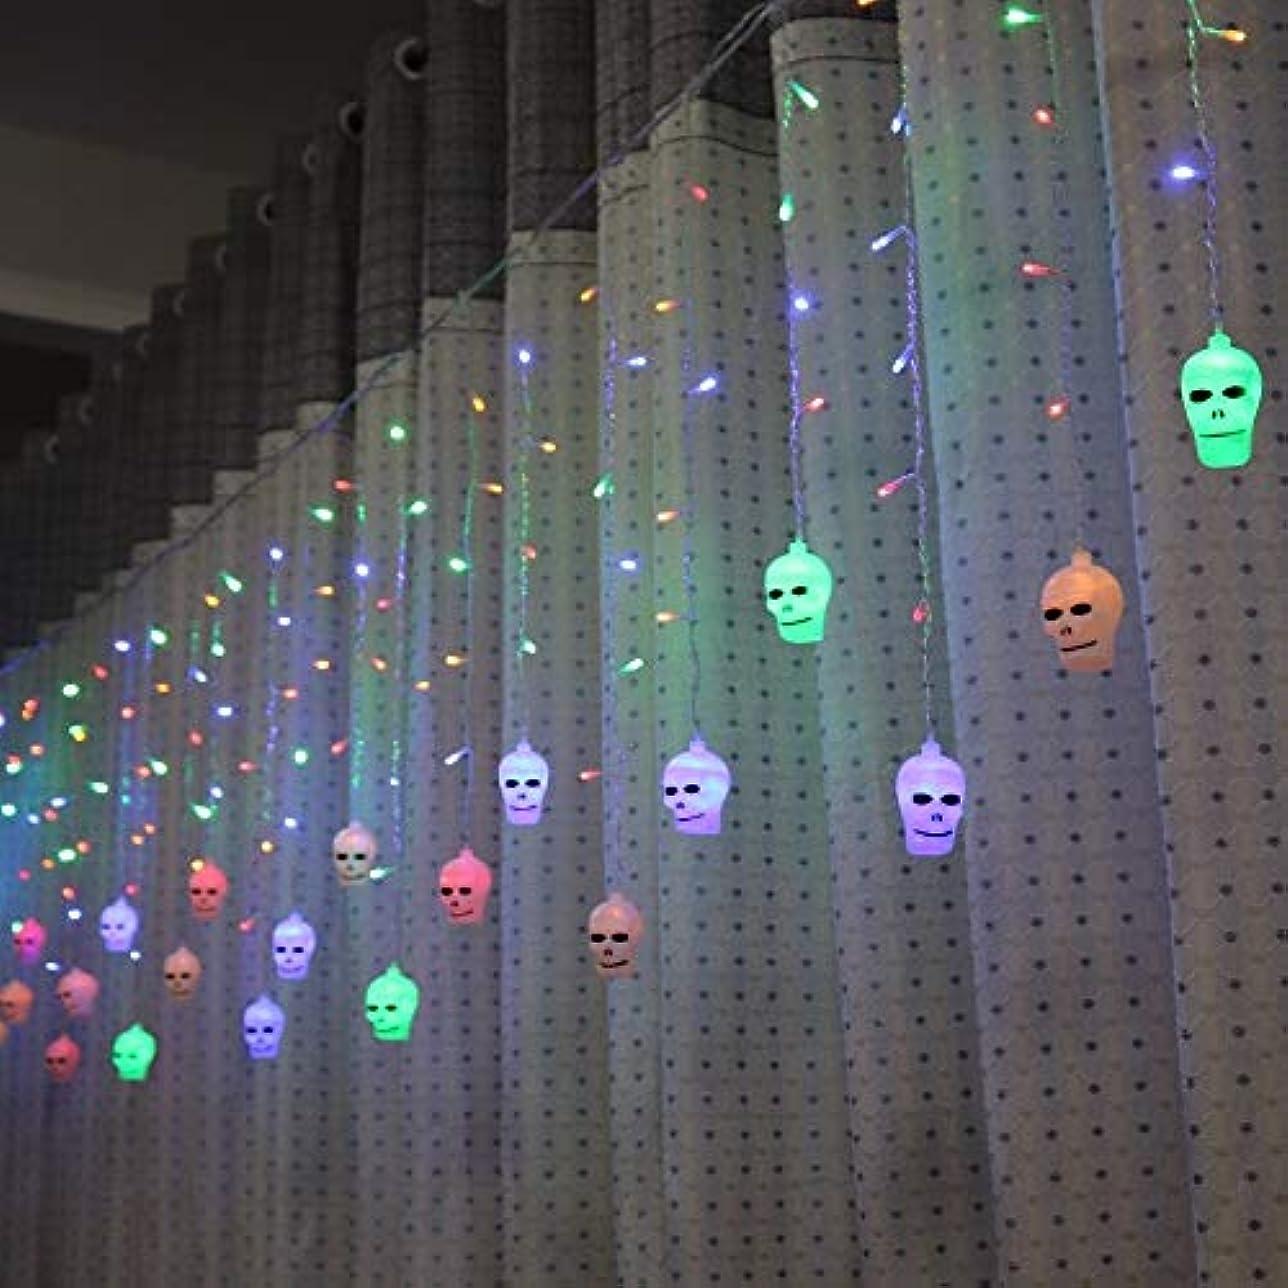 レスリングユーザー啓発するLAOHAO 3.5メートルハロウィンカーテンライト文字列スタイル休日照明寝室リビングルームハロウィン雰囲気装飾 ワンタイムデコレーション (Emitting Color : Multicolor)